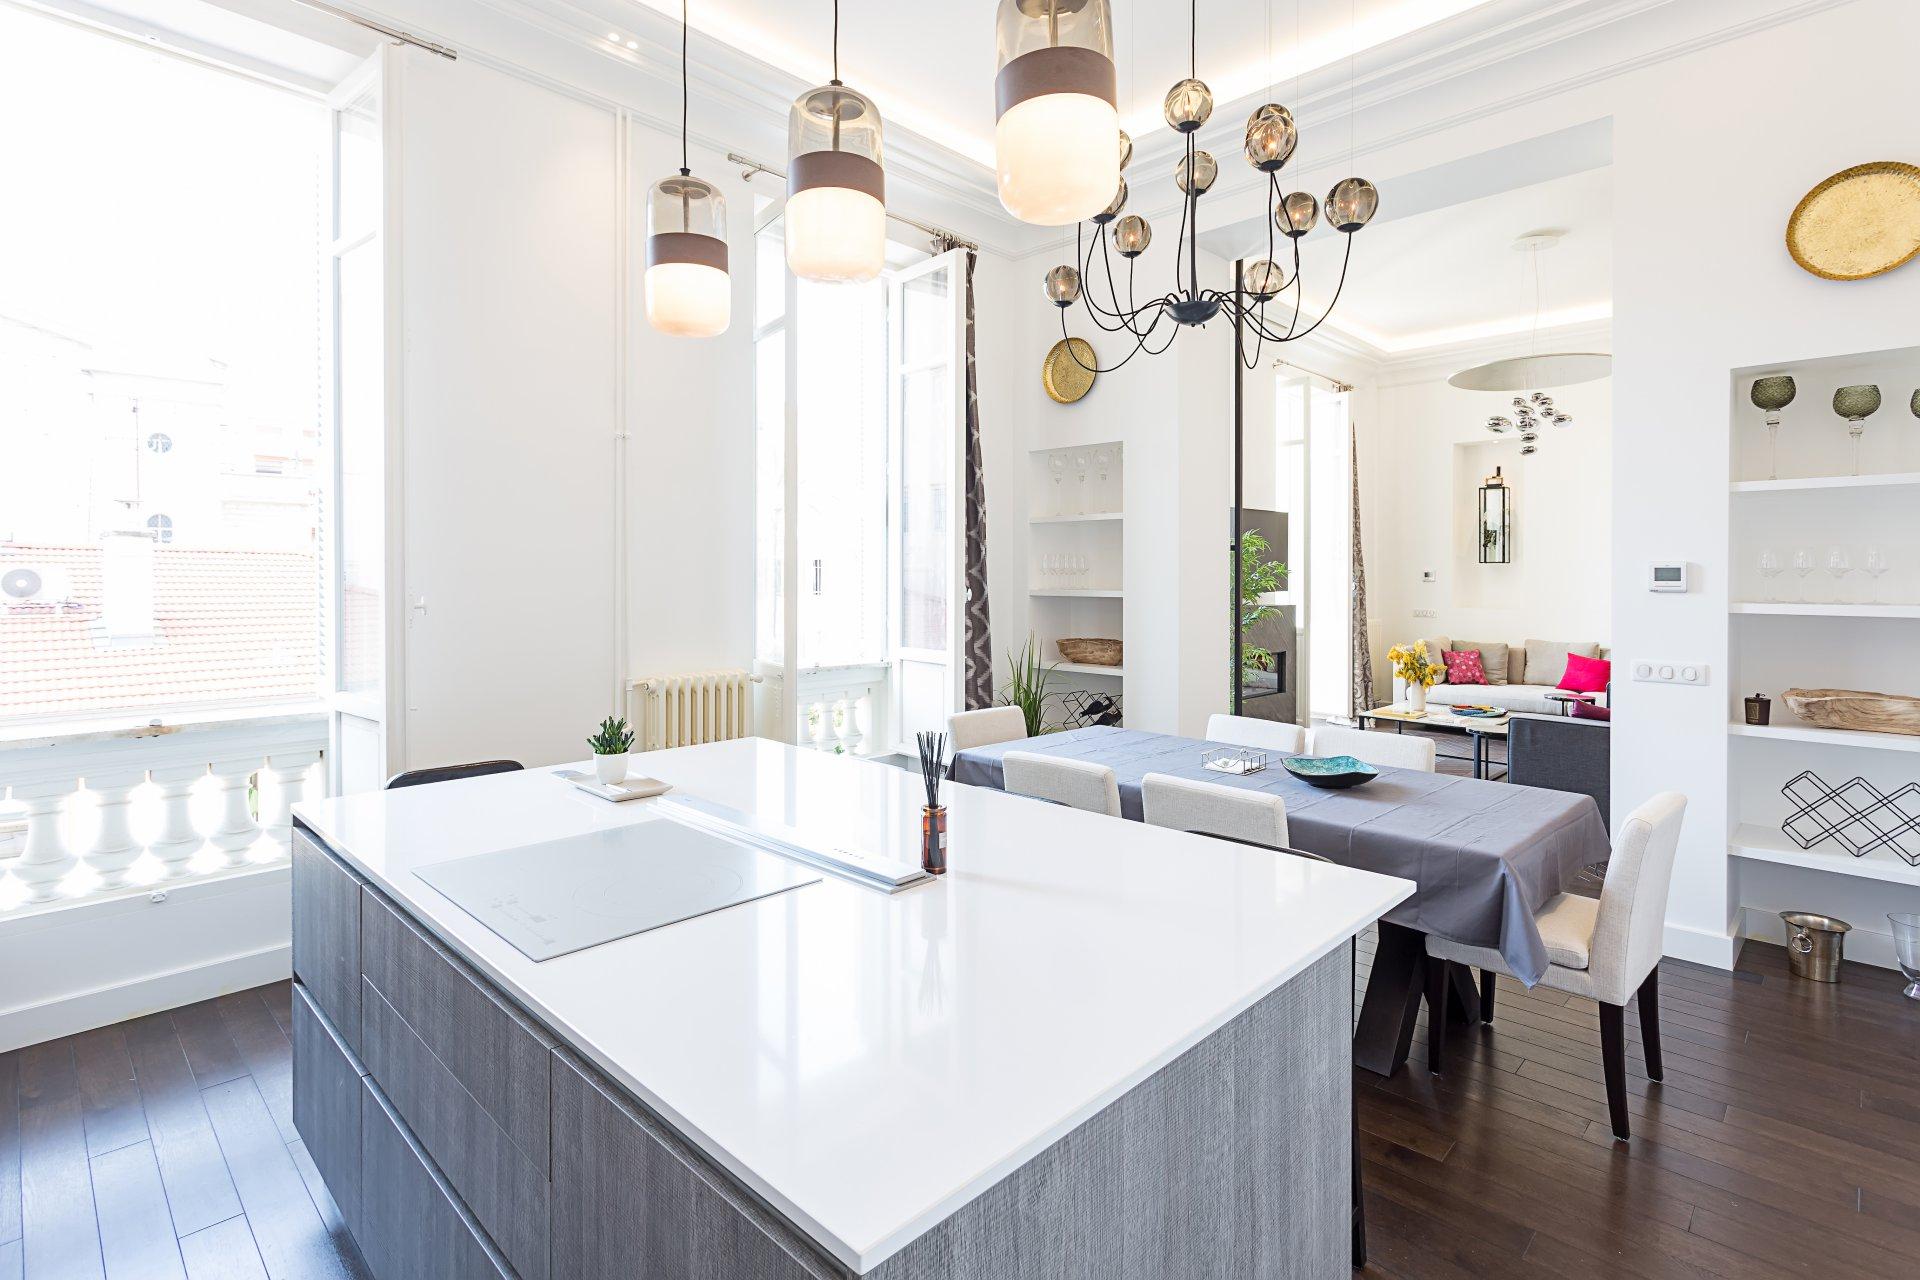 Kitchen island, chandelier, kitchen bar